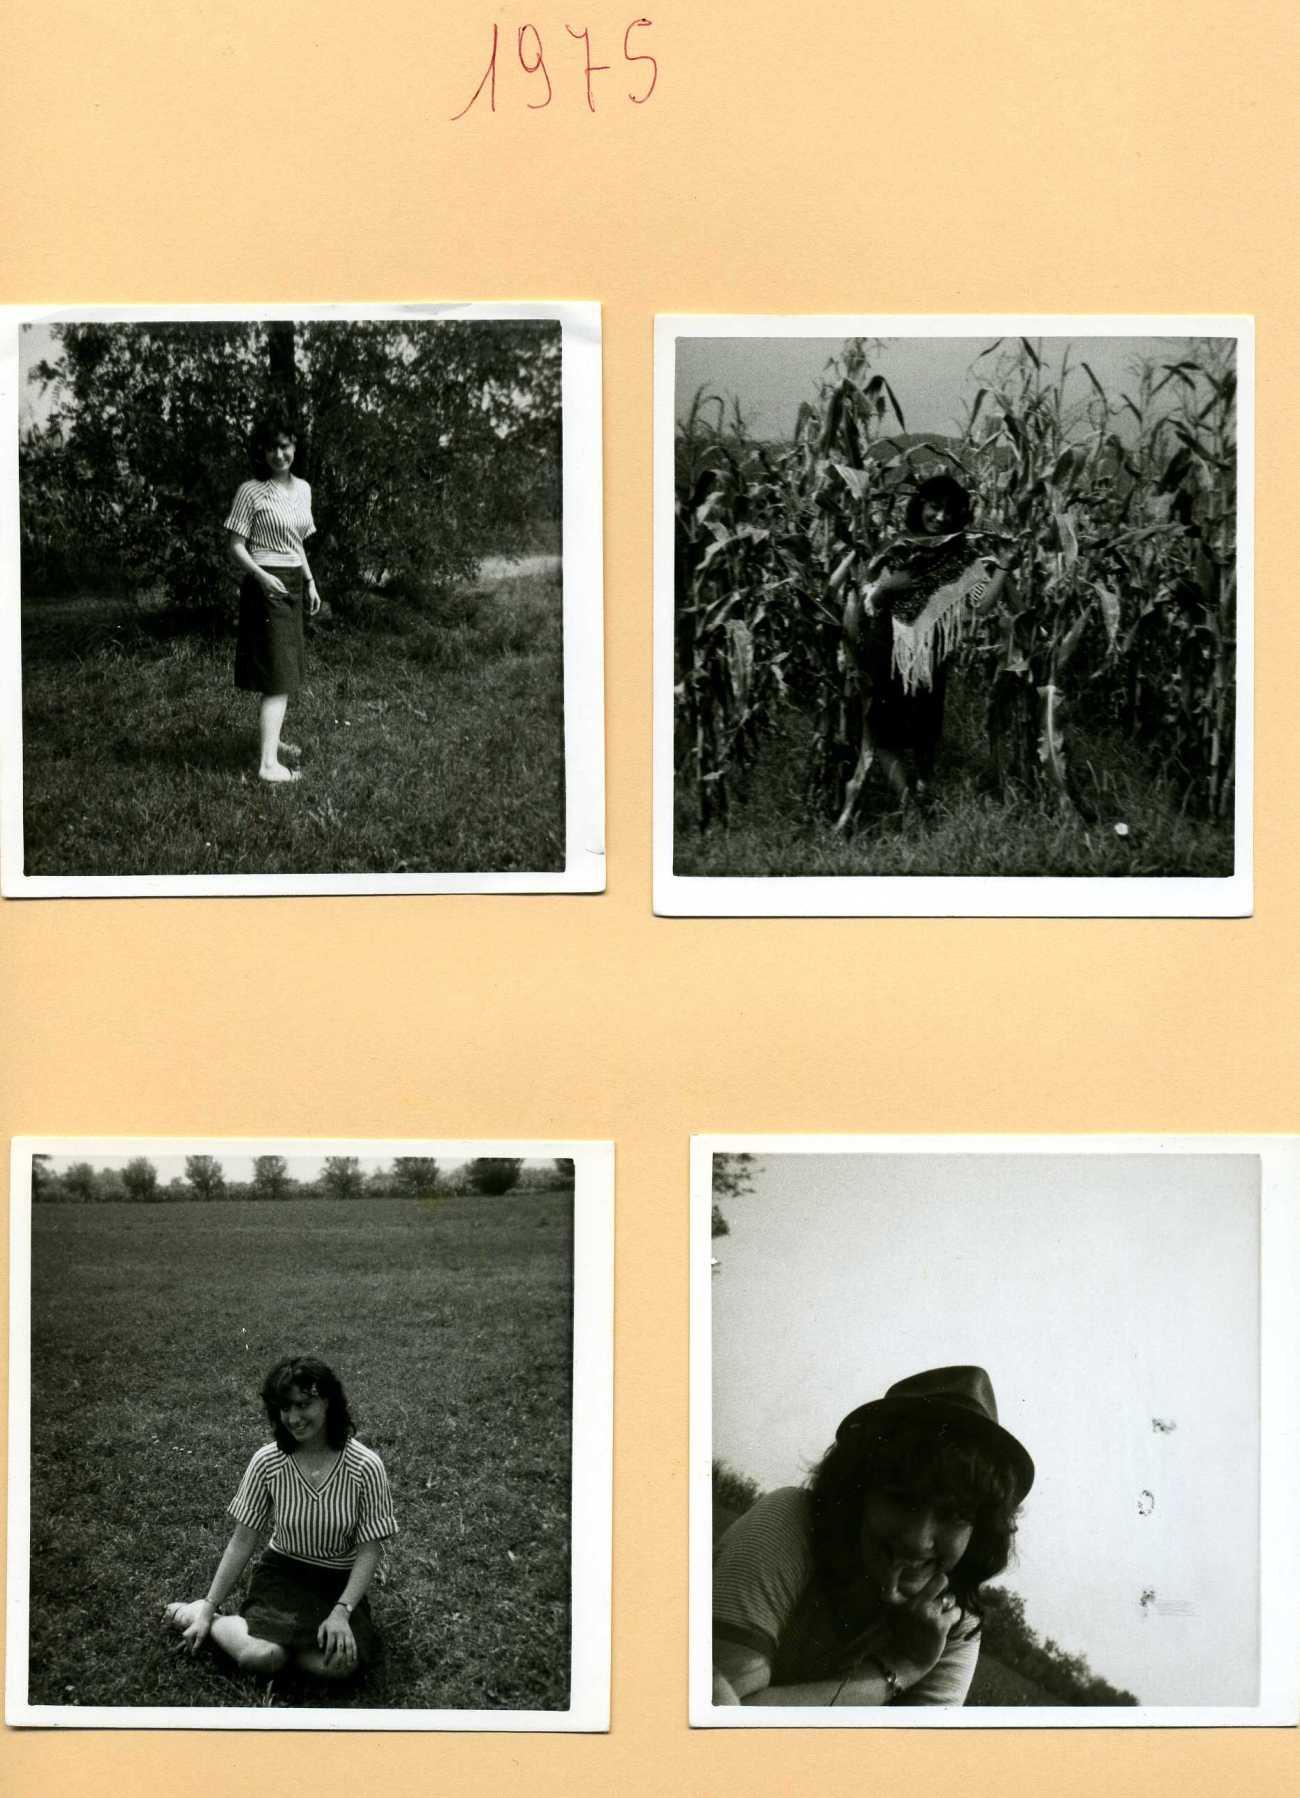 foto ricordi luciana1813